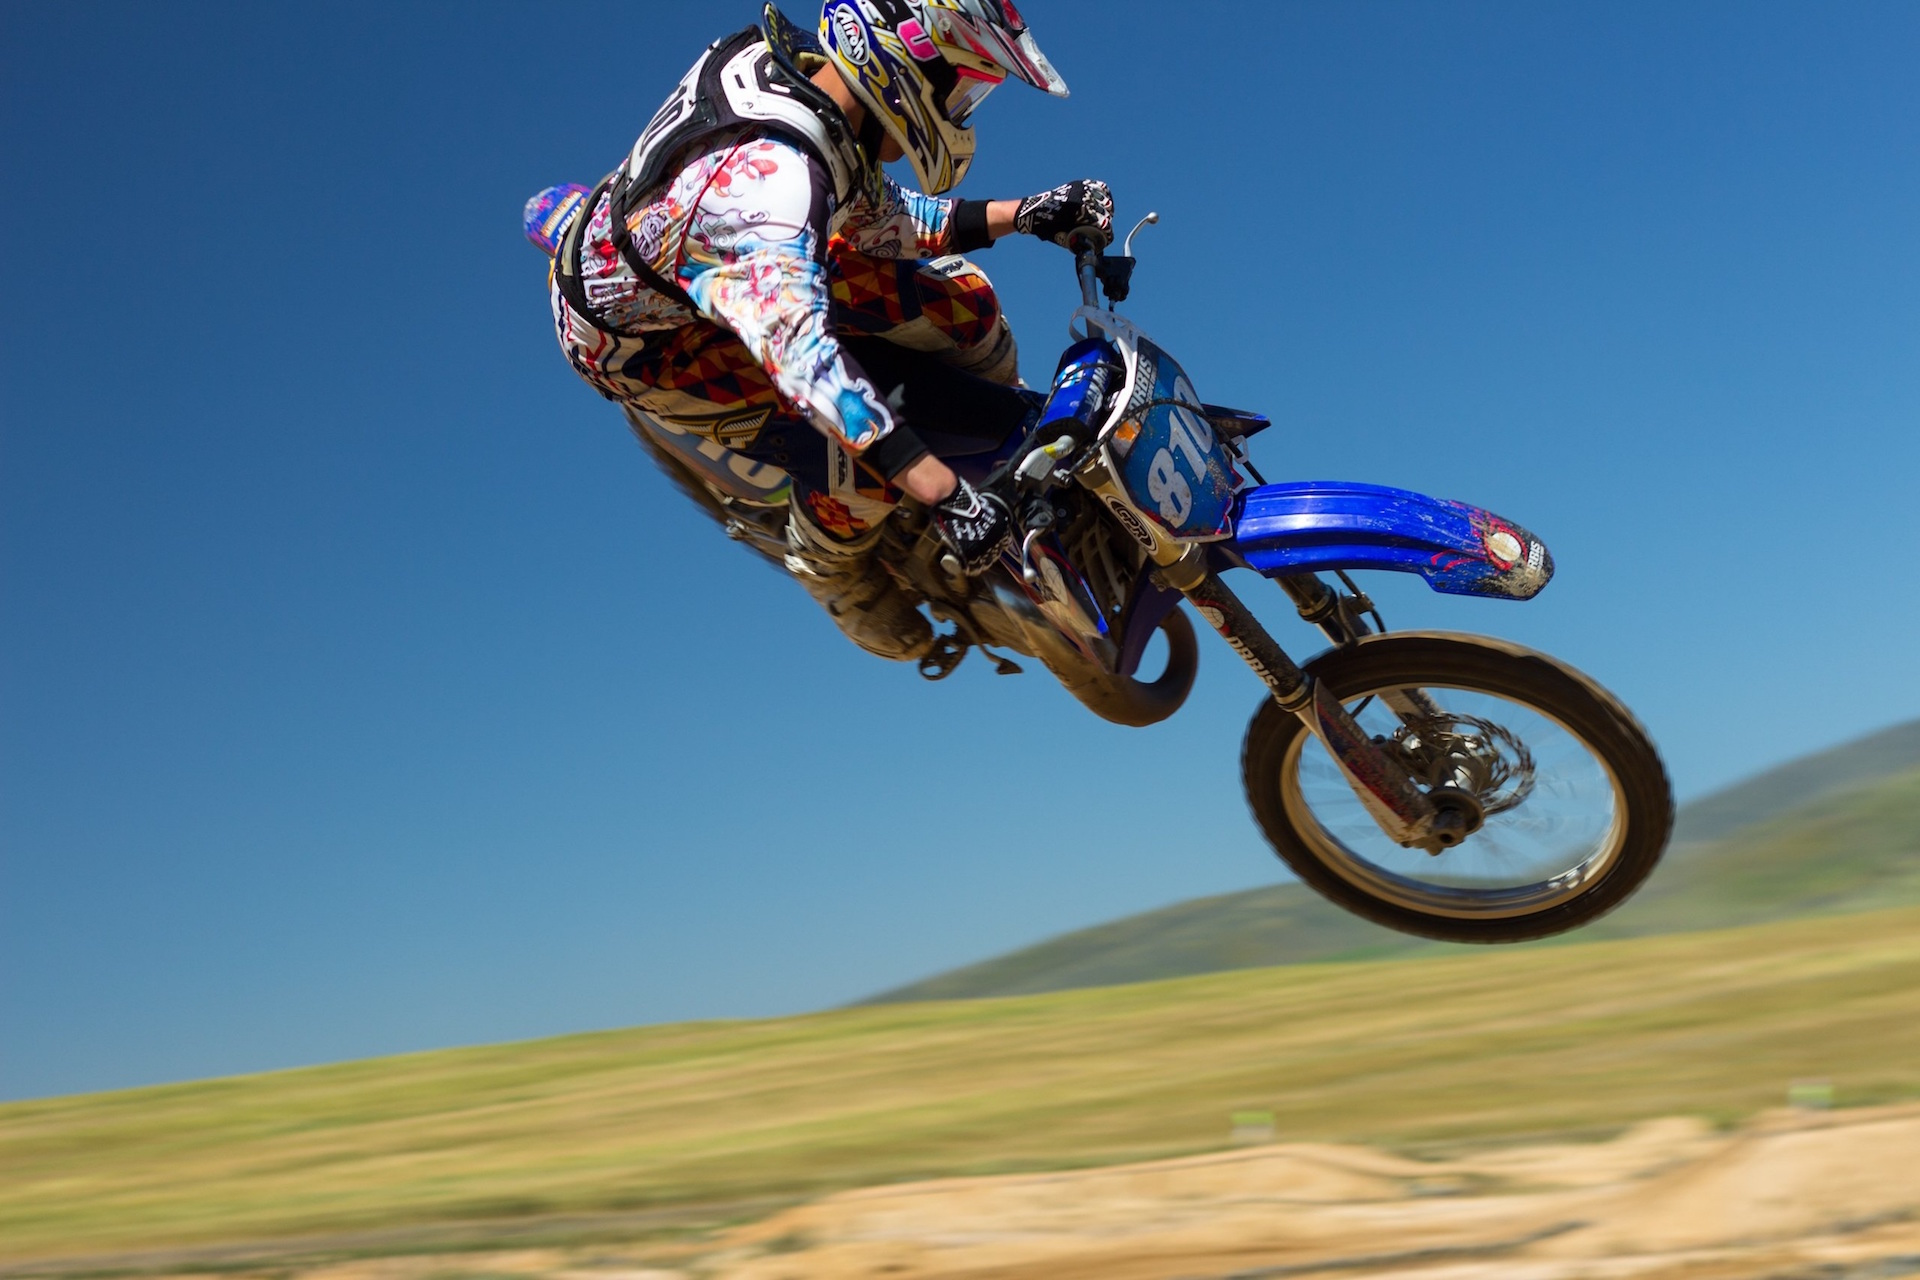 मोटर साइकिल, कूद, कैरियर, जोखिम, प्रतियोगिता - HD वॉलपेपर - प्रोफेसर-falken.com